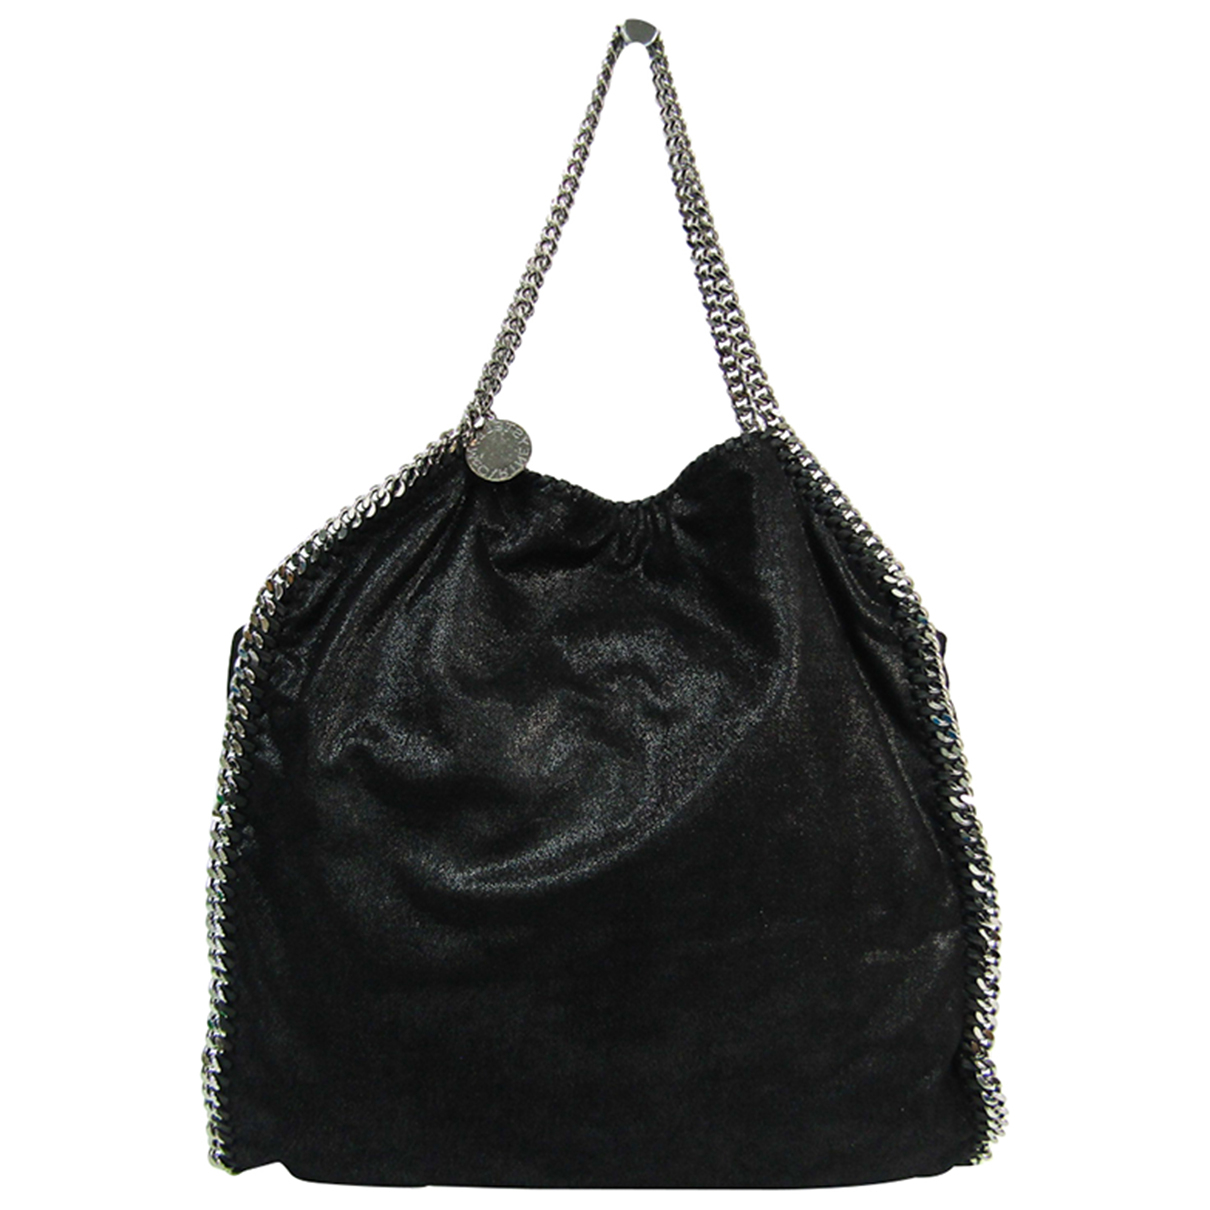 Stella Mccartney \N Handtasche in  Schwarz Polyester